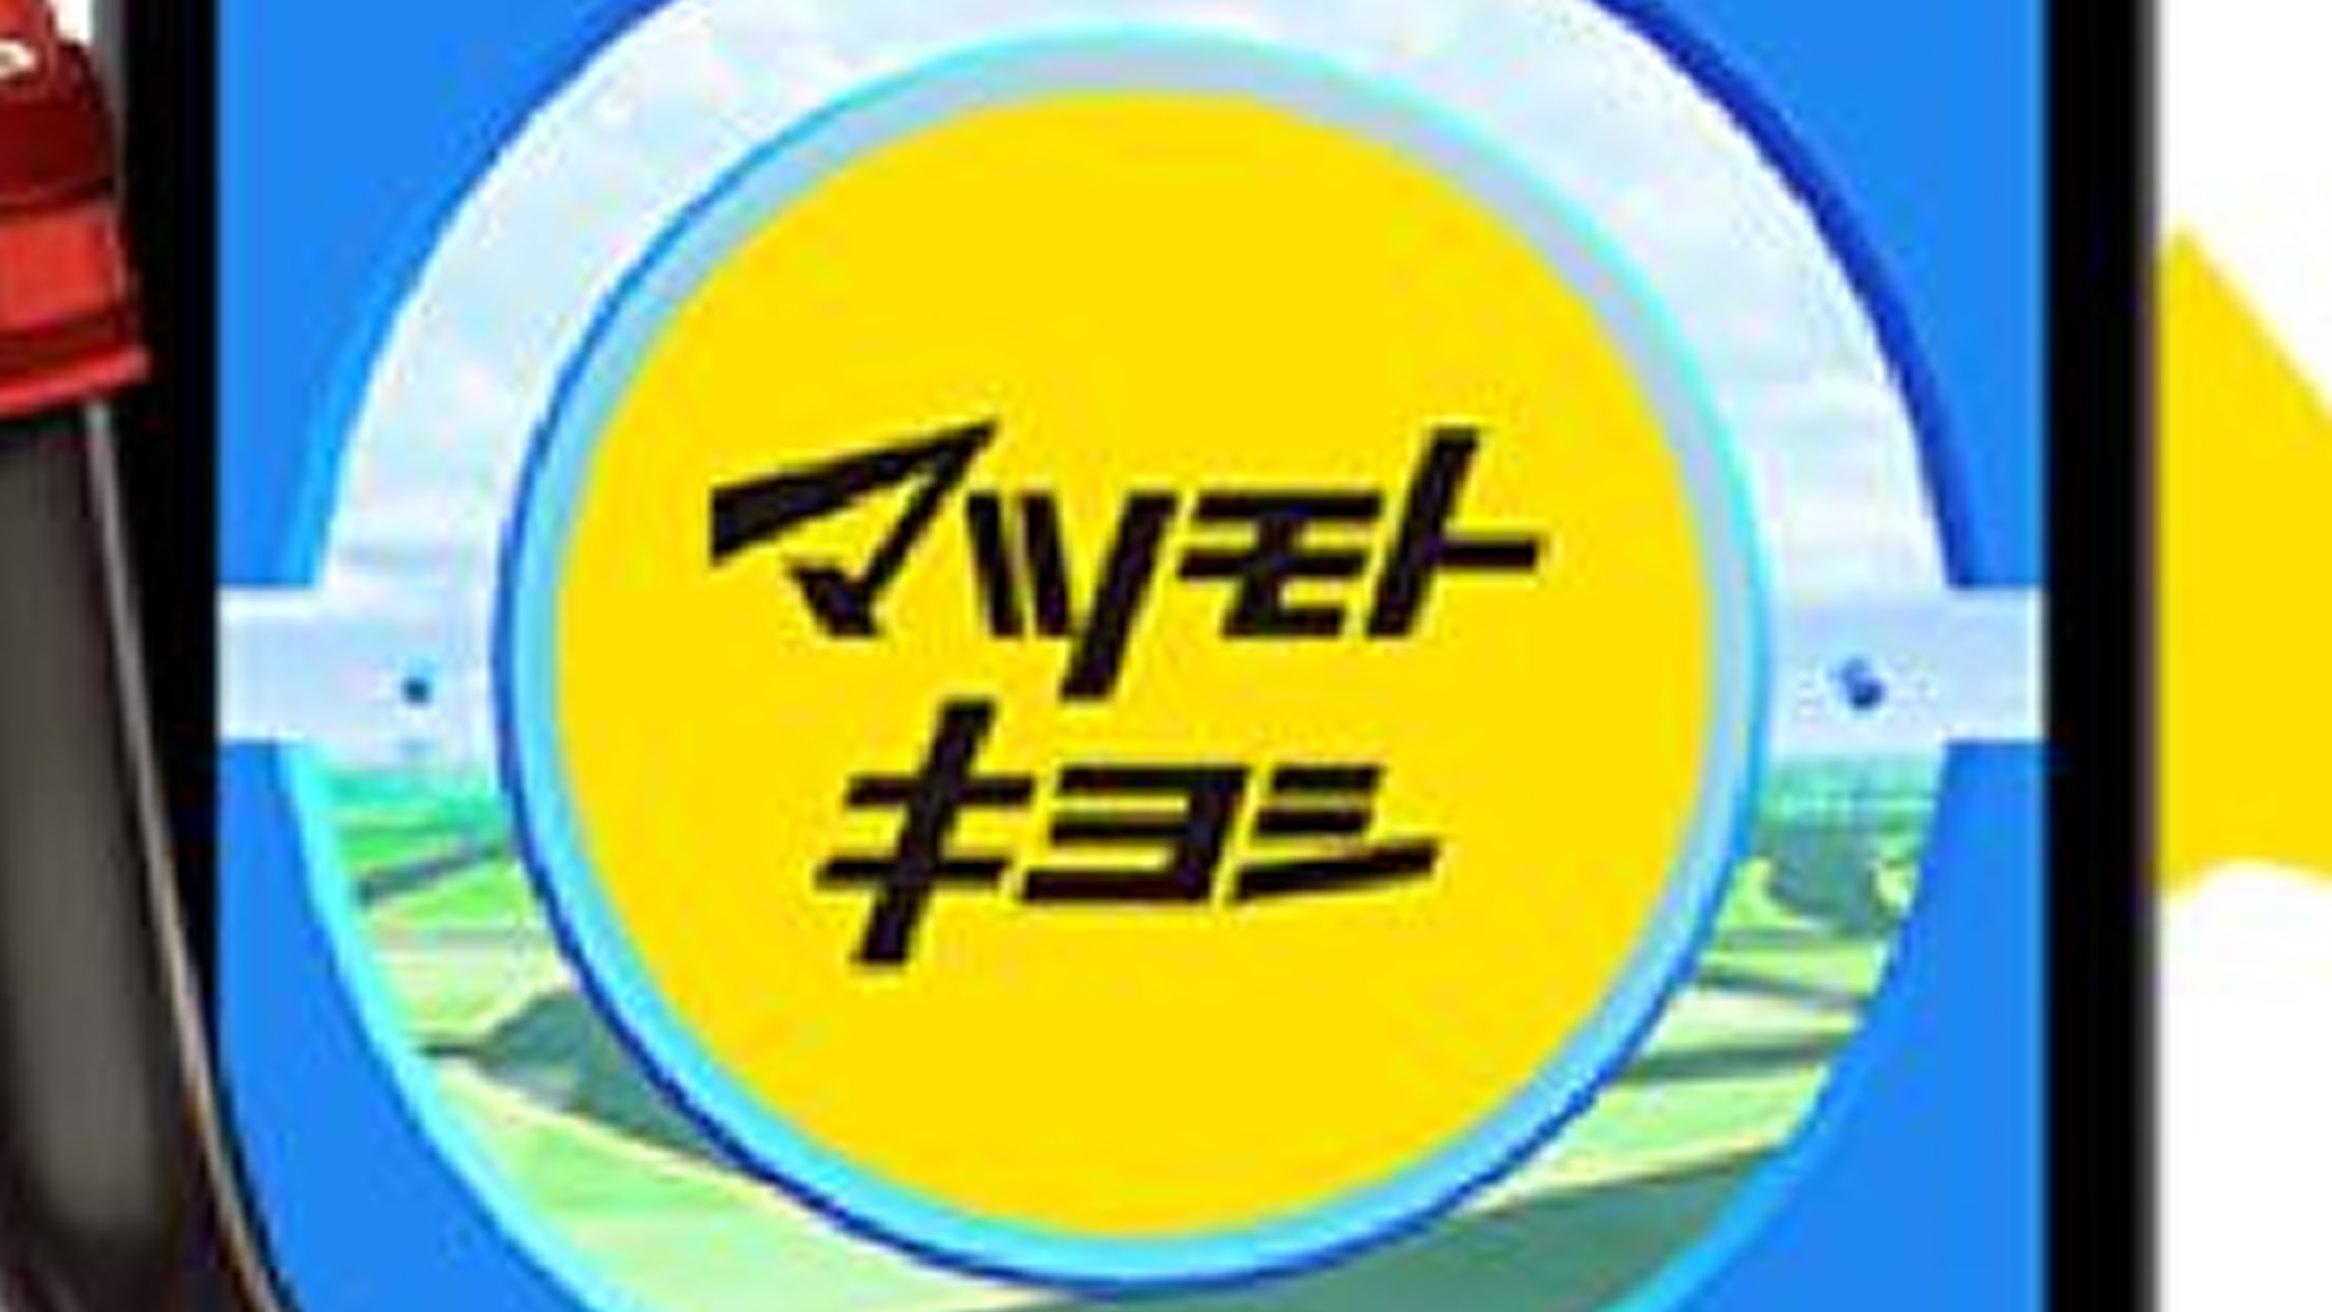 ポケモンGO、マツモトキヨシがスポンサー。フィールドリサーチ